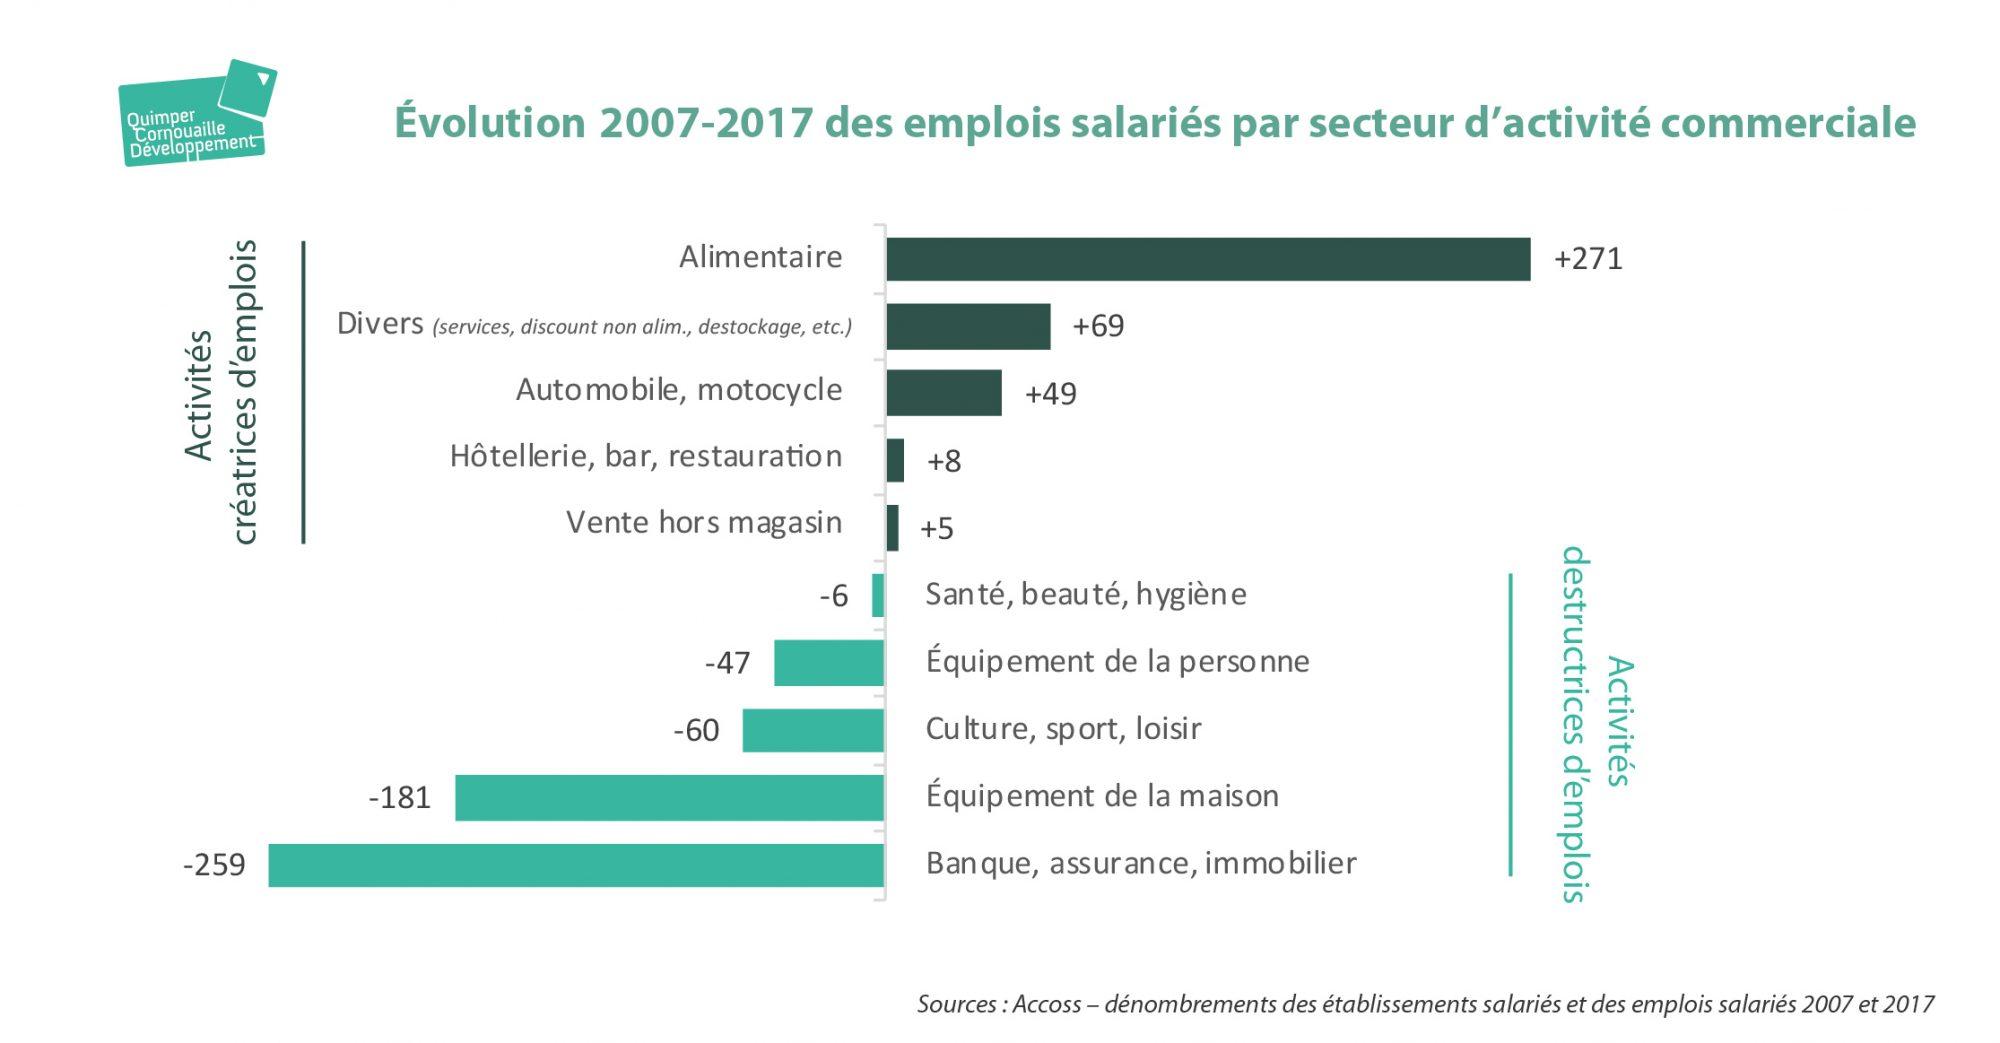 WebSérie Commerce Evolution emplois salariés